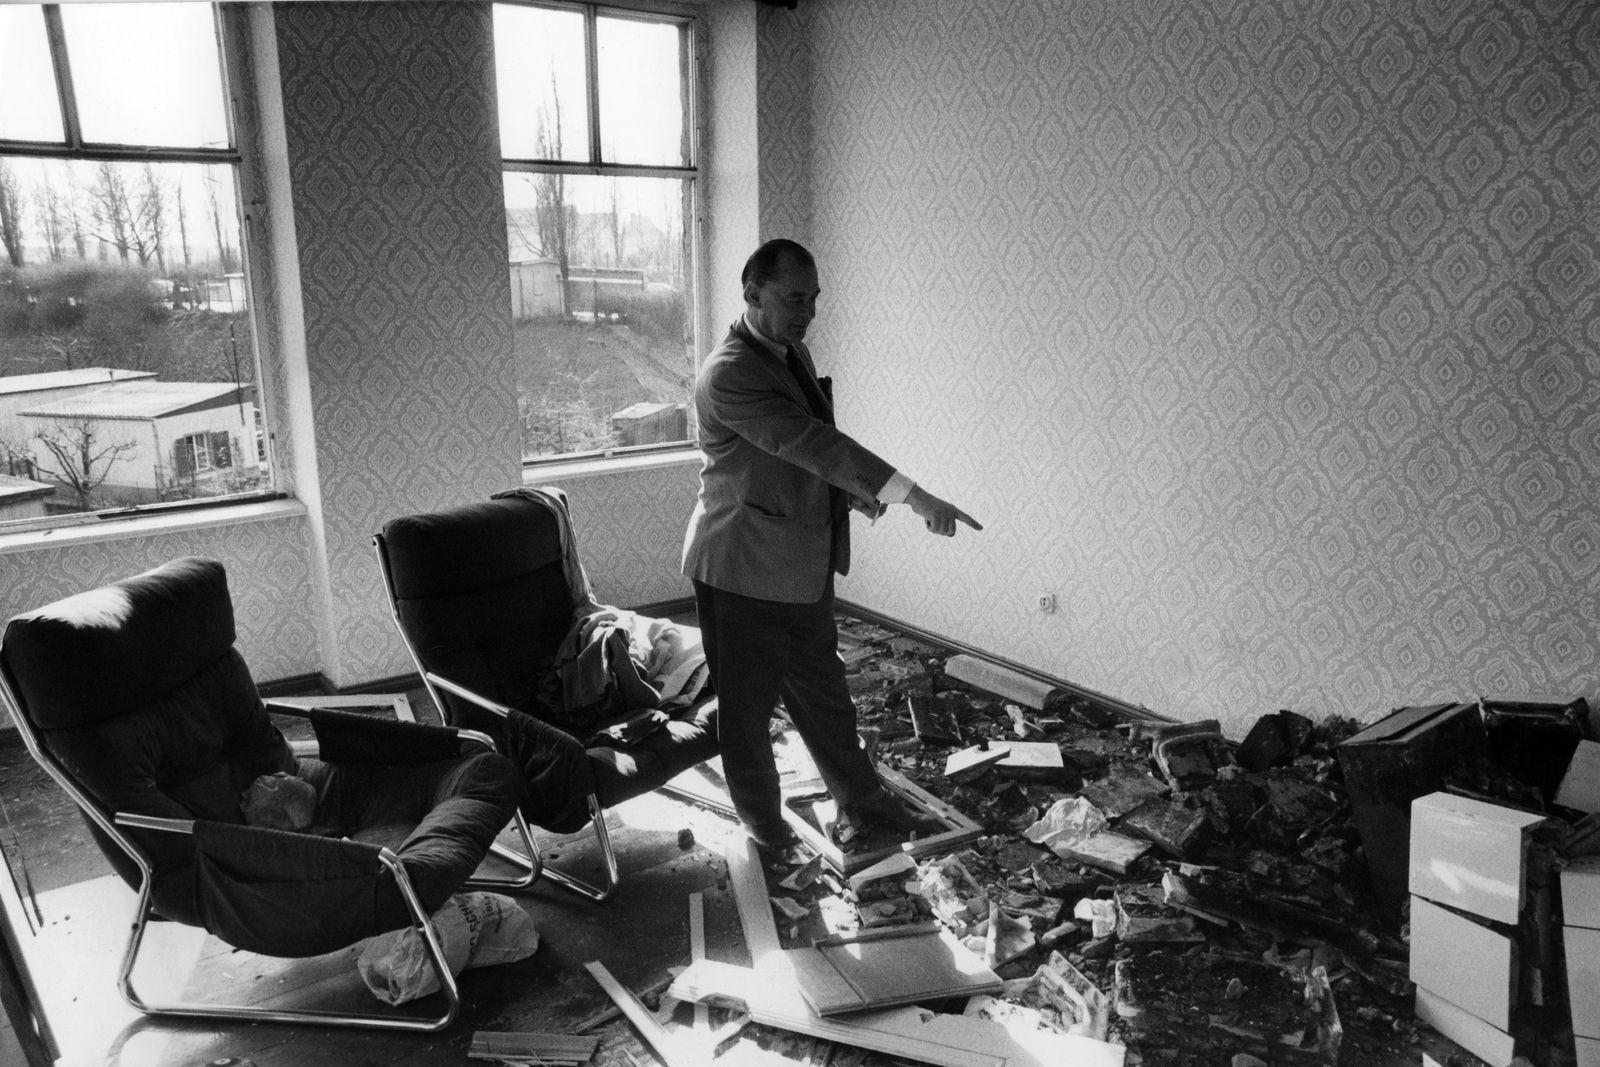 Berlin, zur Abschrechung von Hausbesetzern hat die GeSoBau Wohnungen zerstört